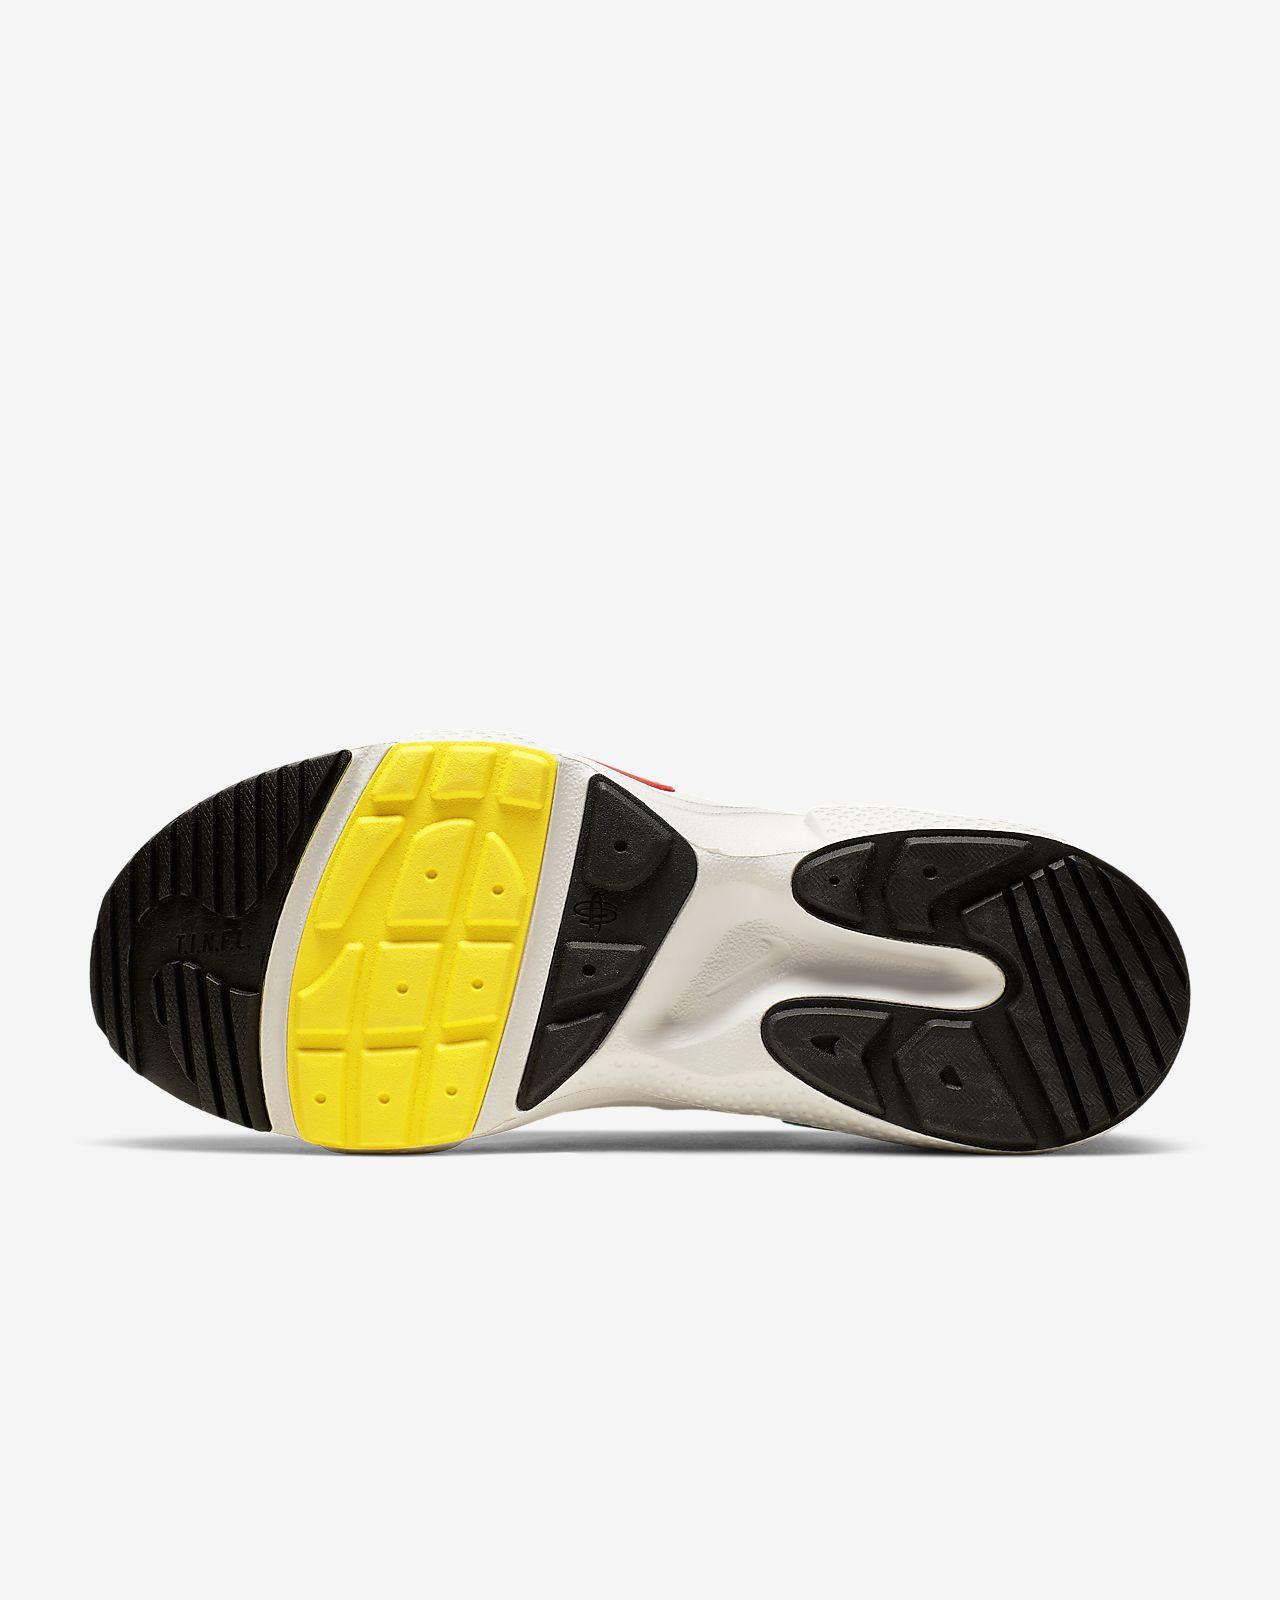 buy popular 44697 9ae4e Nike Huarache E.D.G.E. Men's Shoe